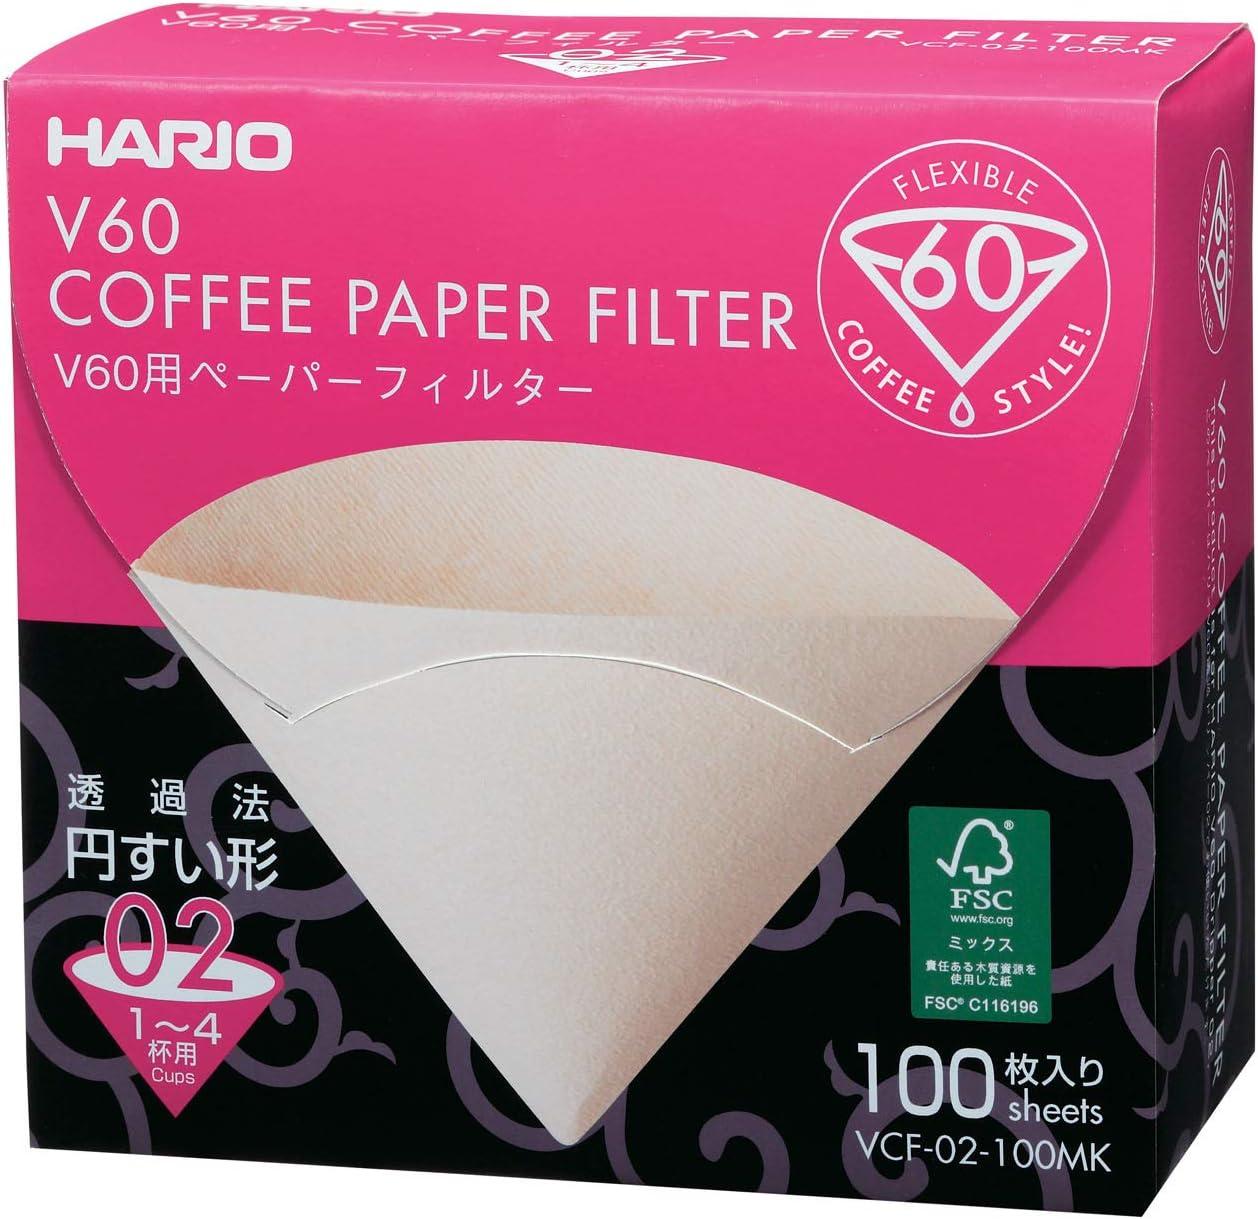 HARIO v60 02 Filtre Papier Filtre sachets papier filtre 1-4 tasses vcf-02-100w-h UE